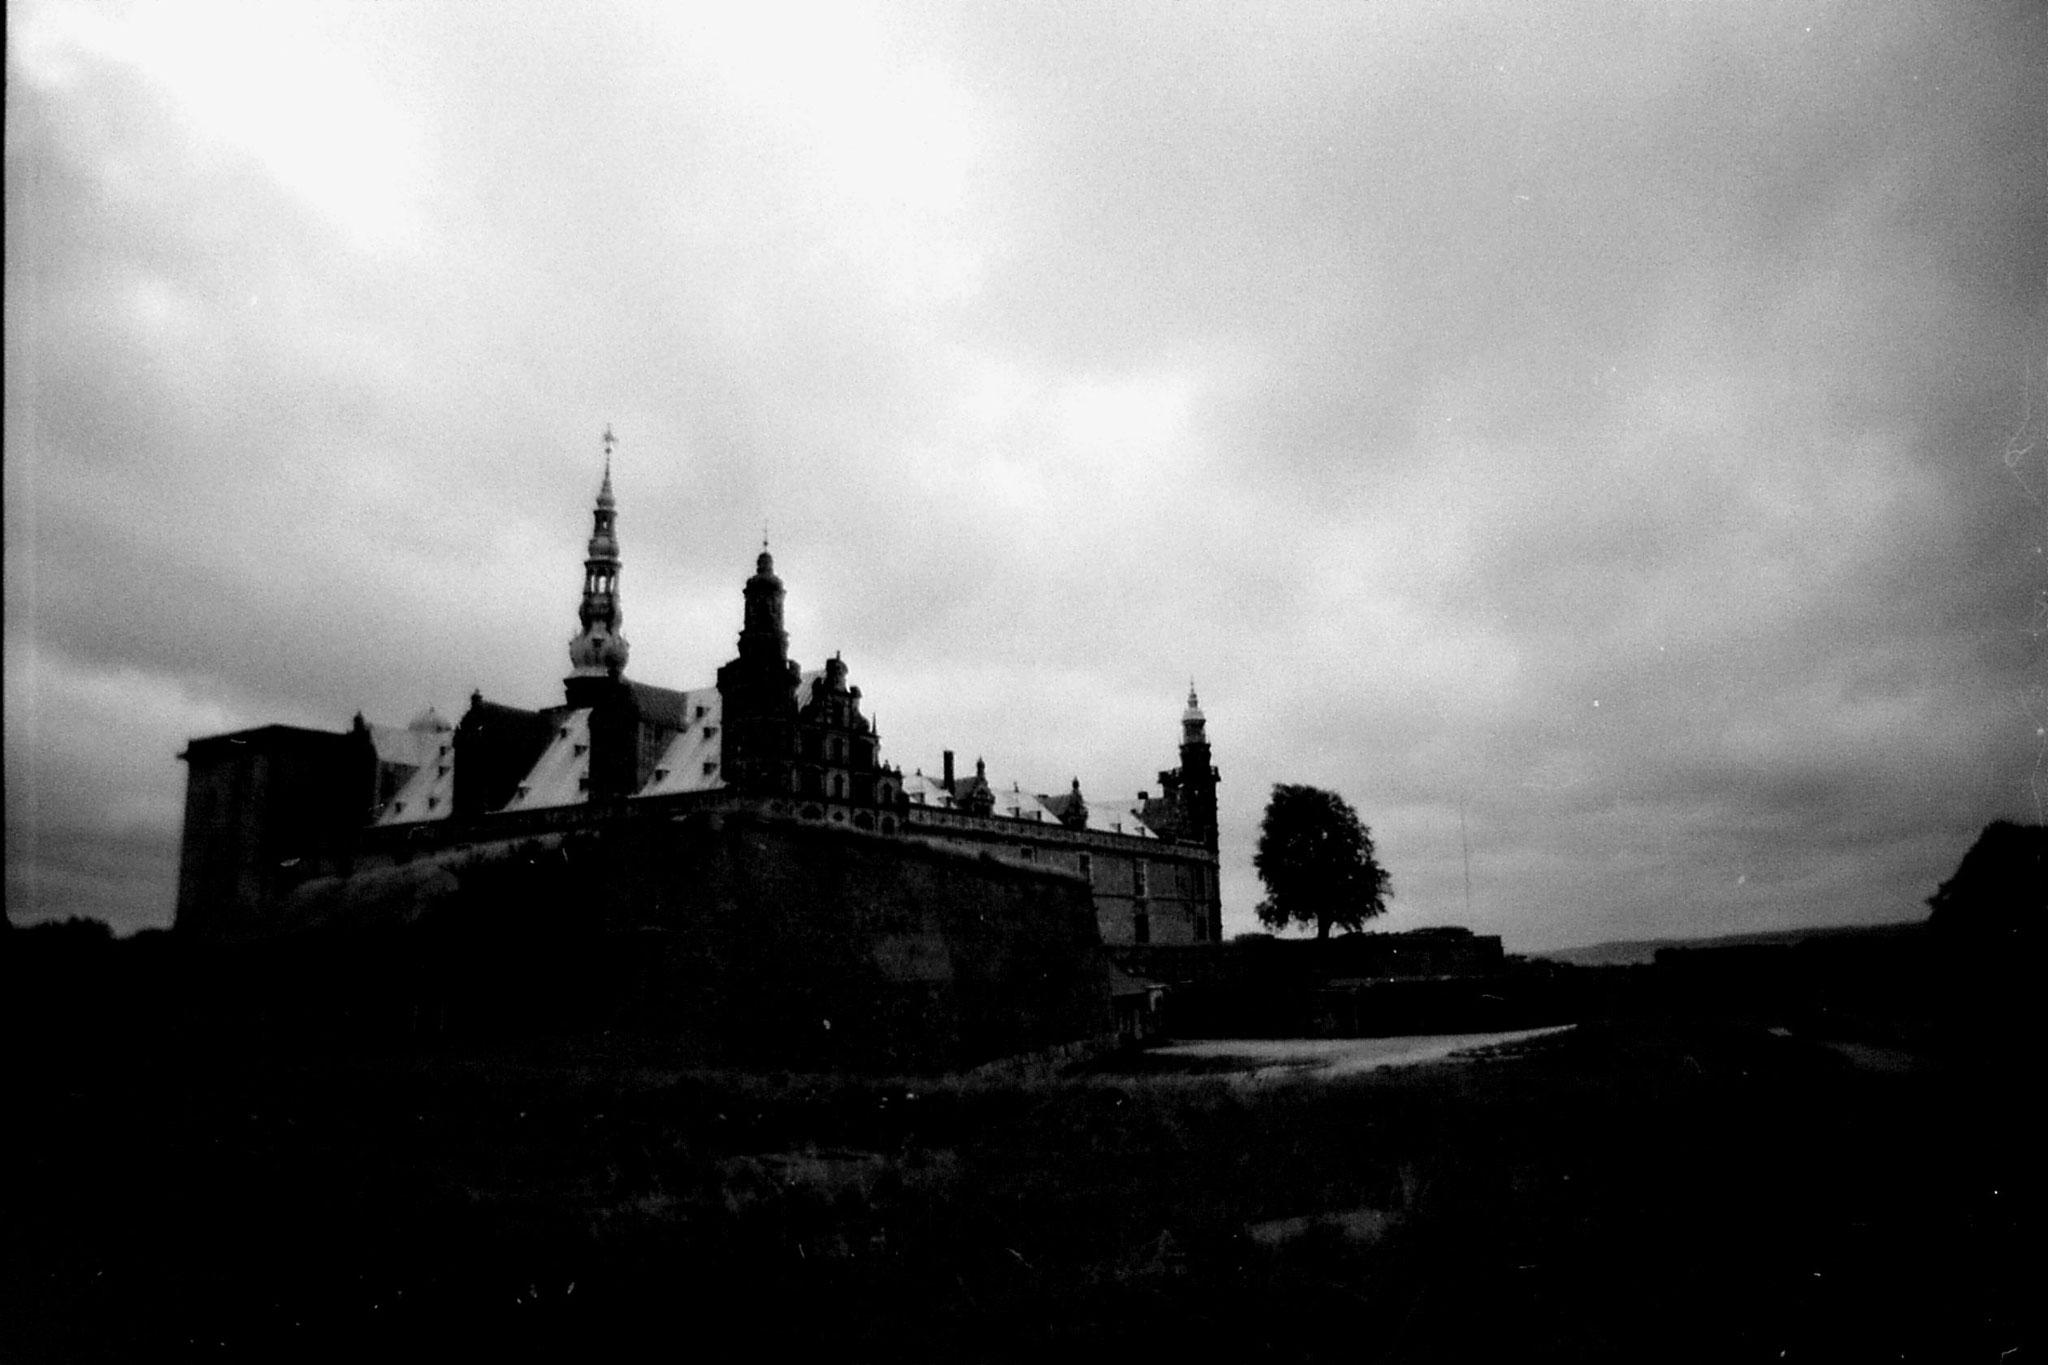 19/9/1988: 22: DENMARK: Helsingor Kronburg Castle